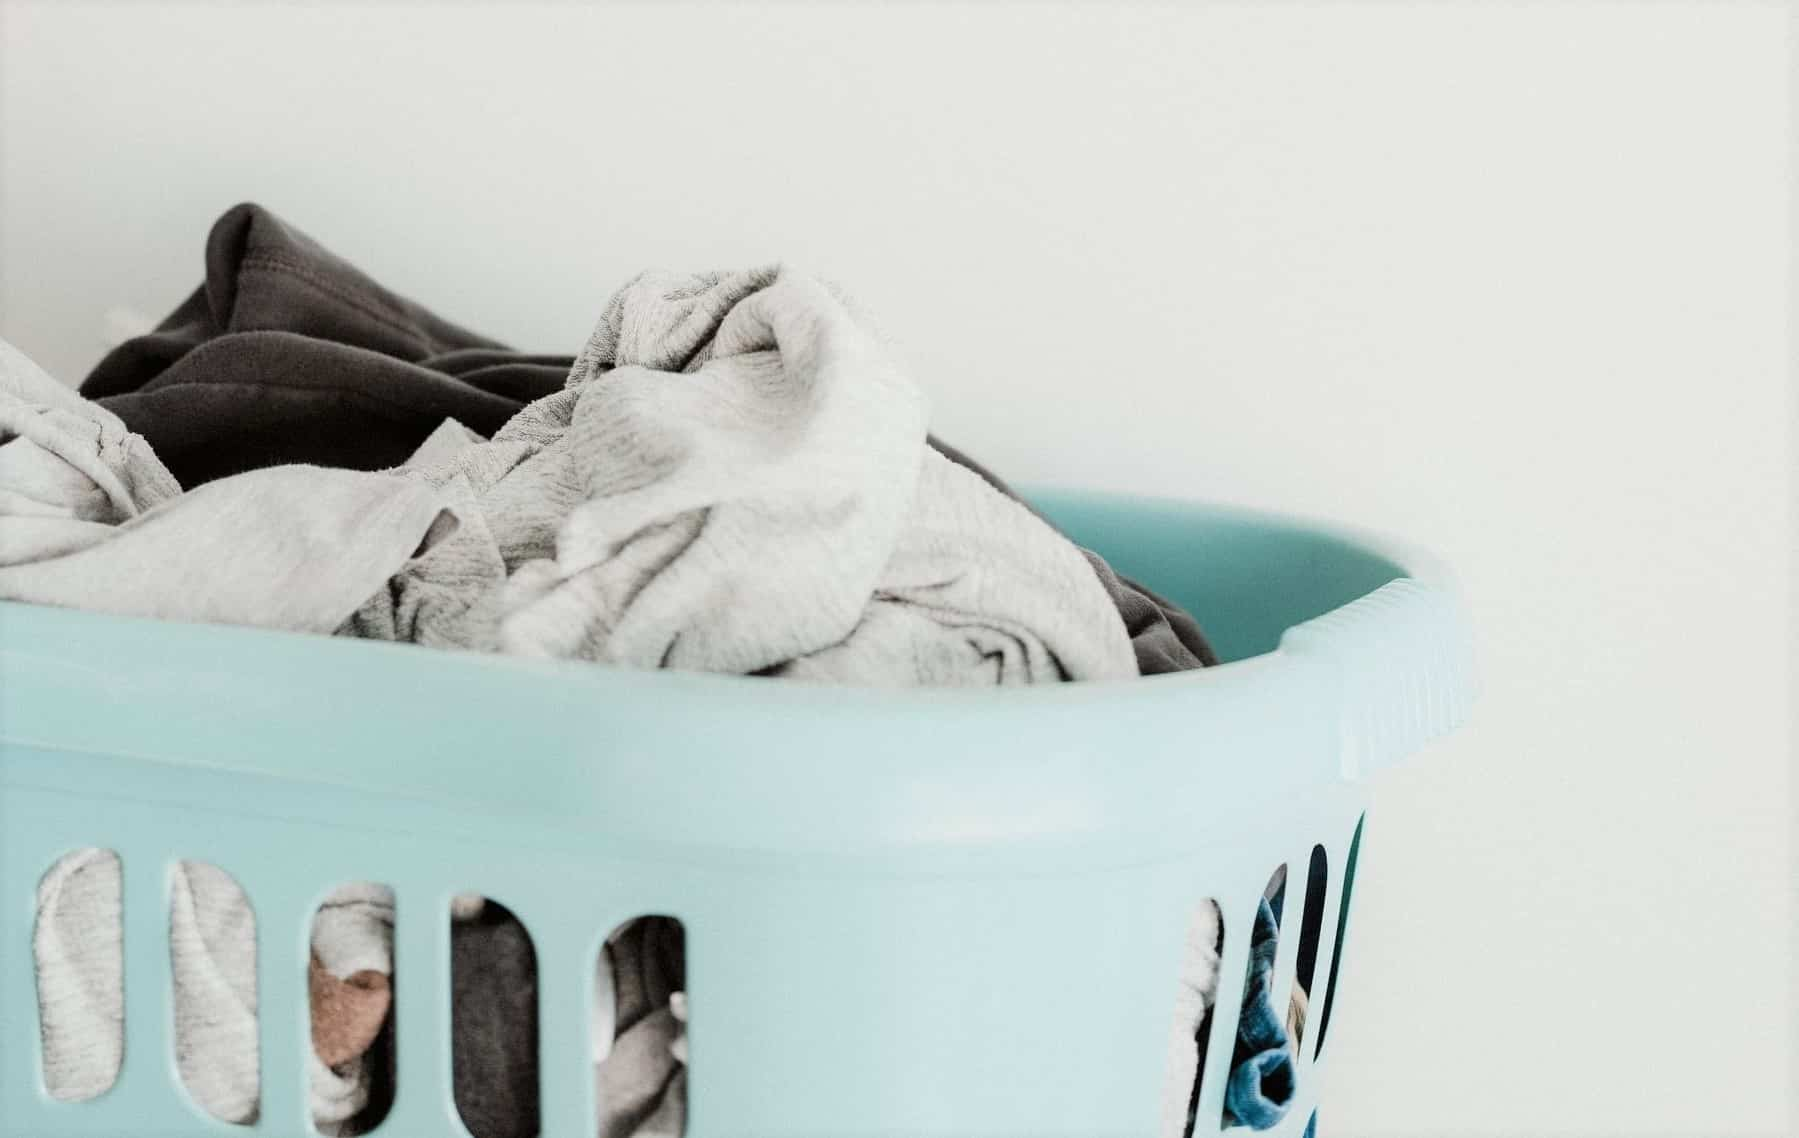 Los españoles ha visto aumentada su carga de tareas domésticas desde el inicio del confinamiento 6